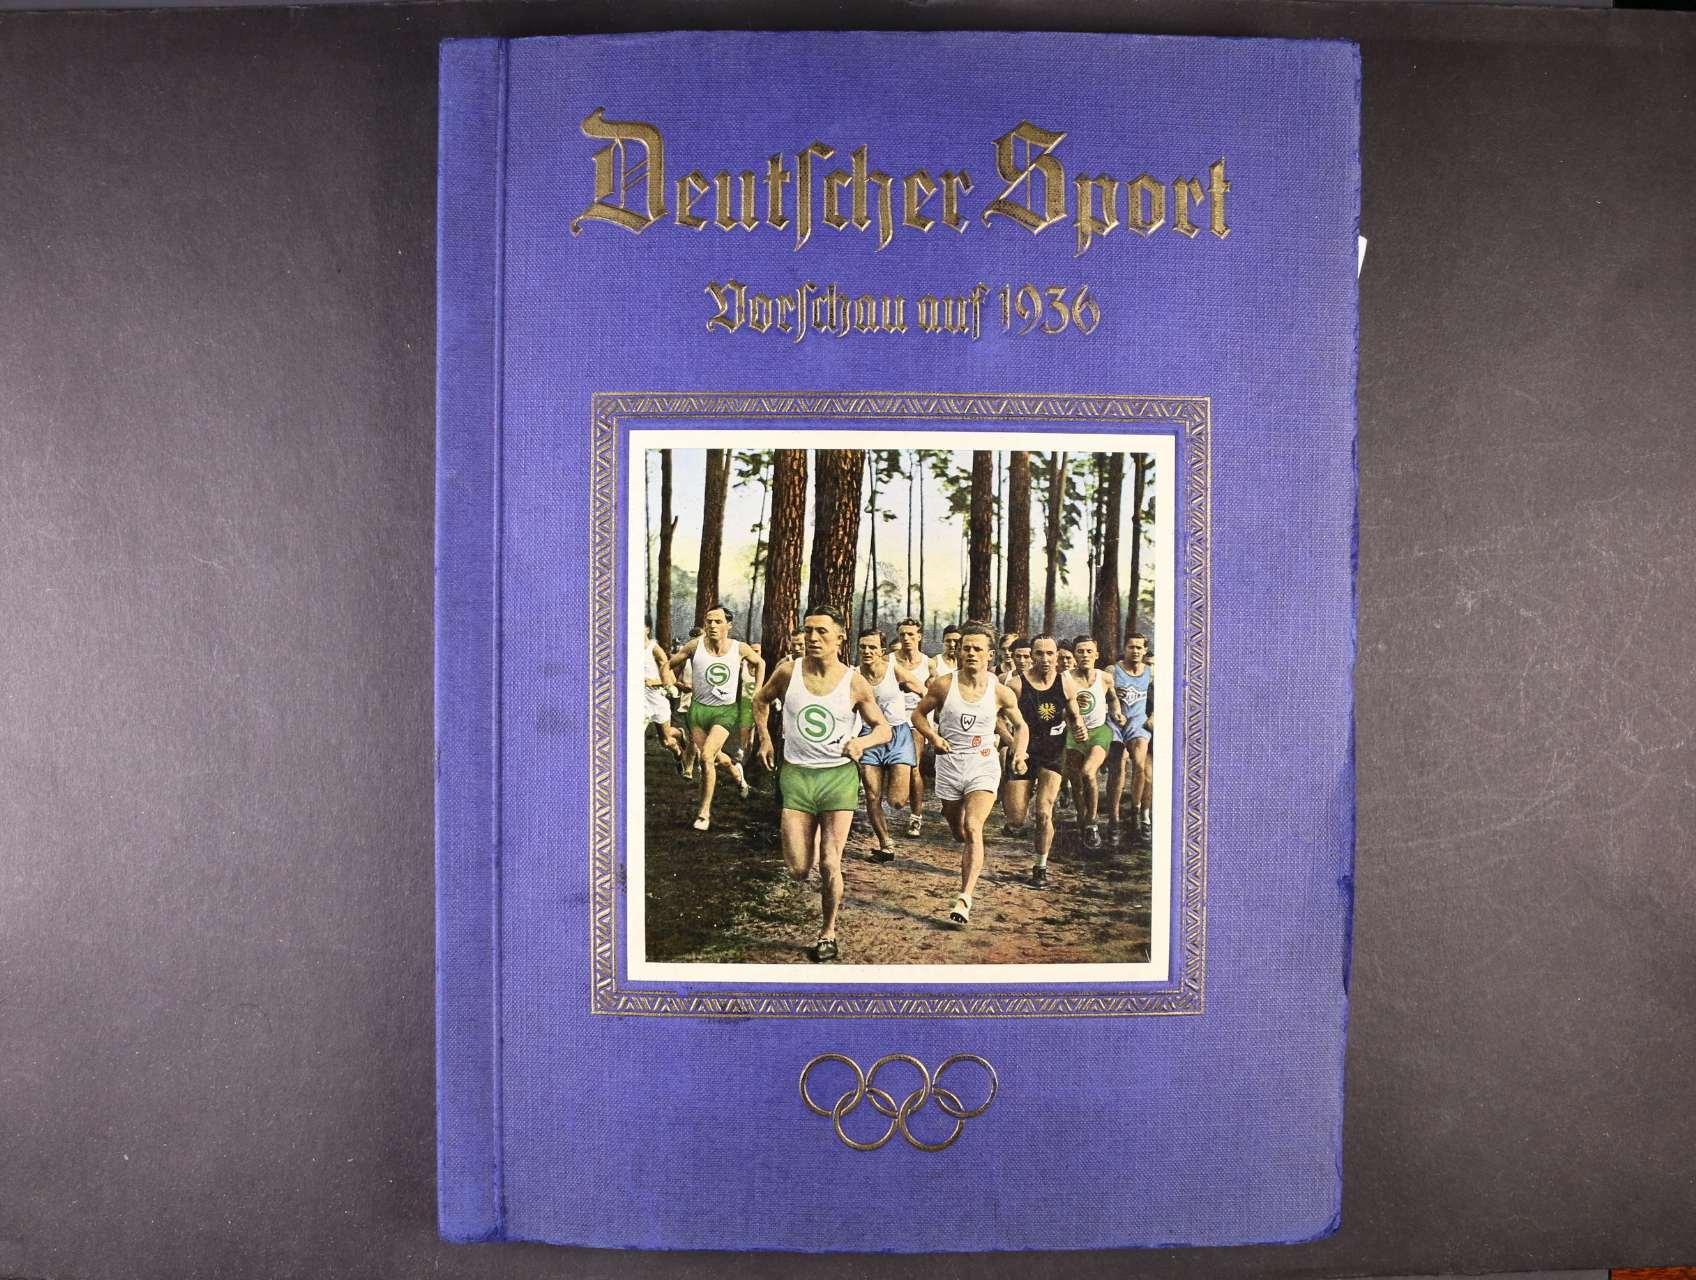 Deutsscher Sport Vorsschau auf 1936, propagační vydání  s velkým množstvím jednobar. i bar. obrázků něm. sportovců, zajjímavé, k prohlédnutí